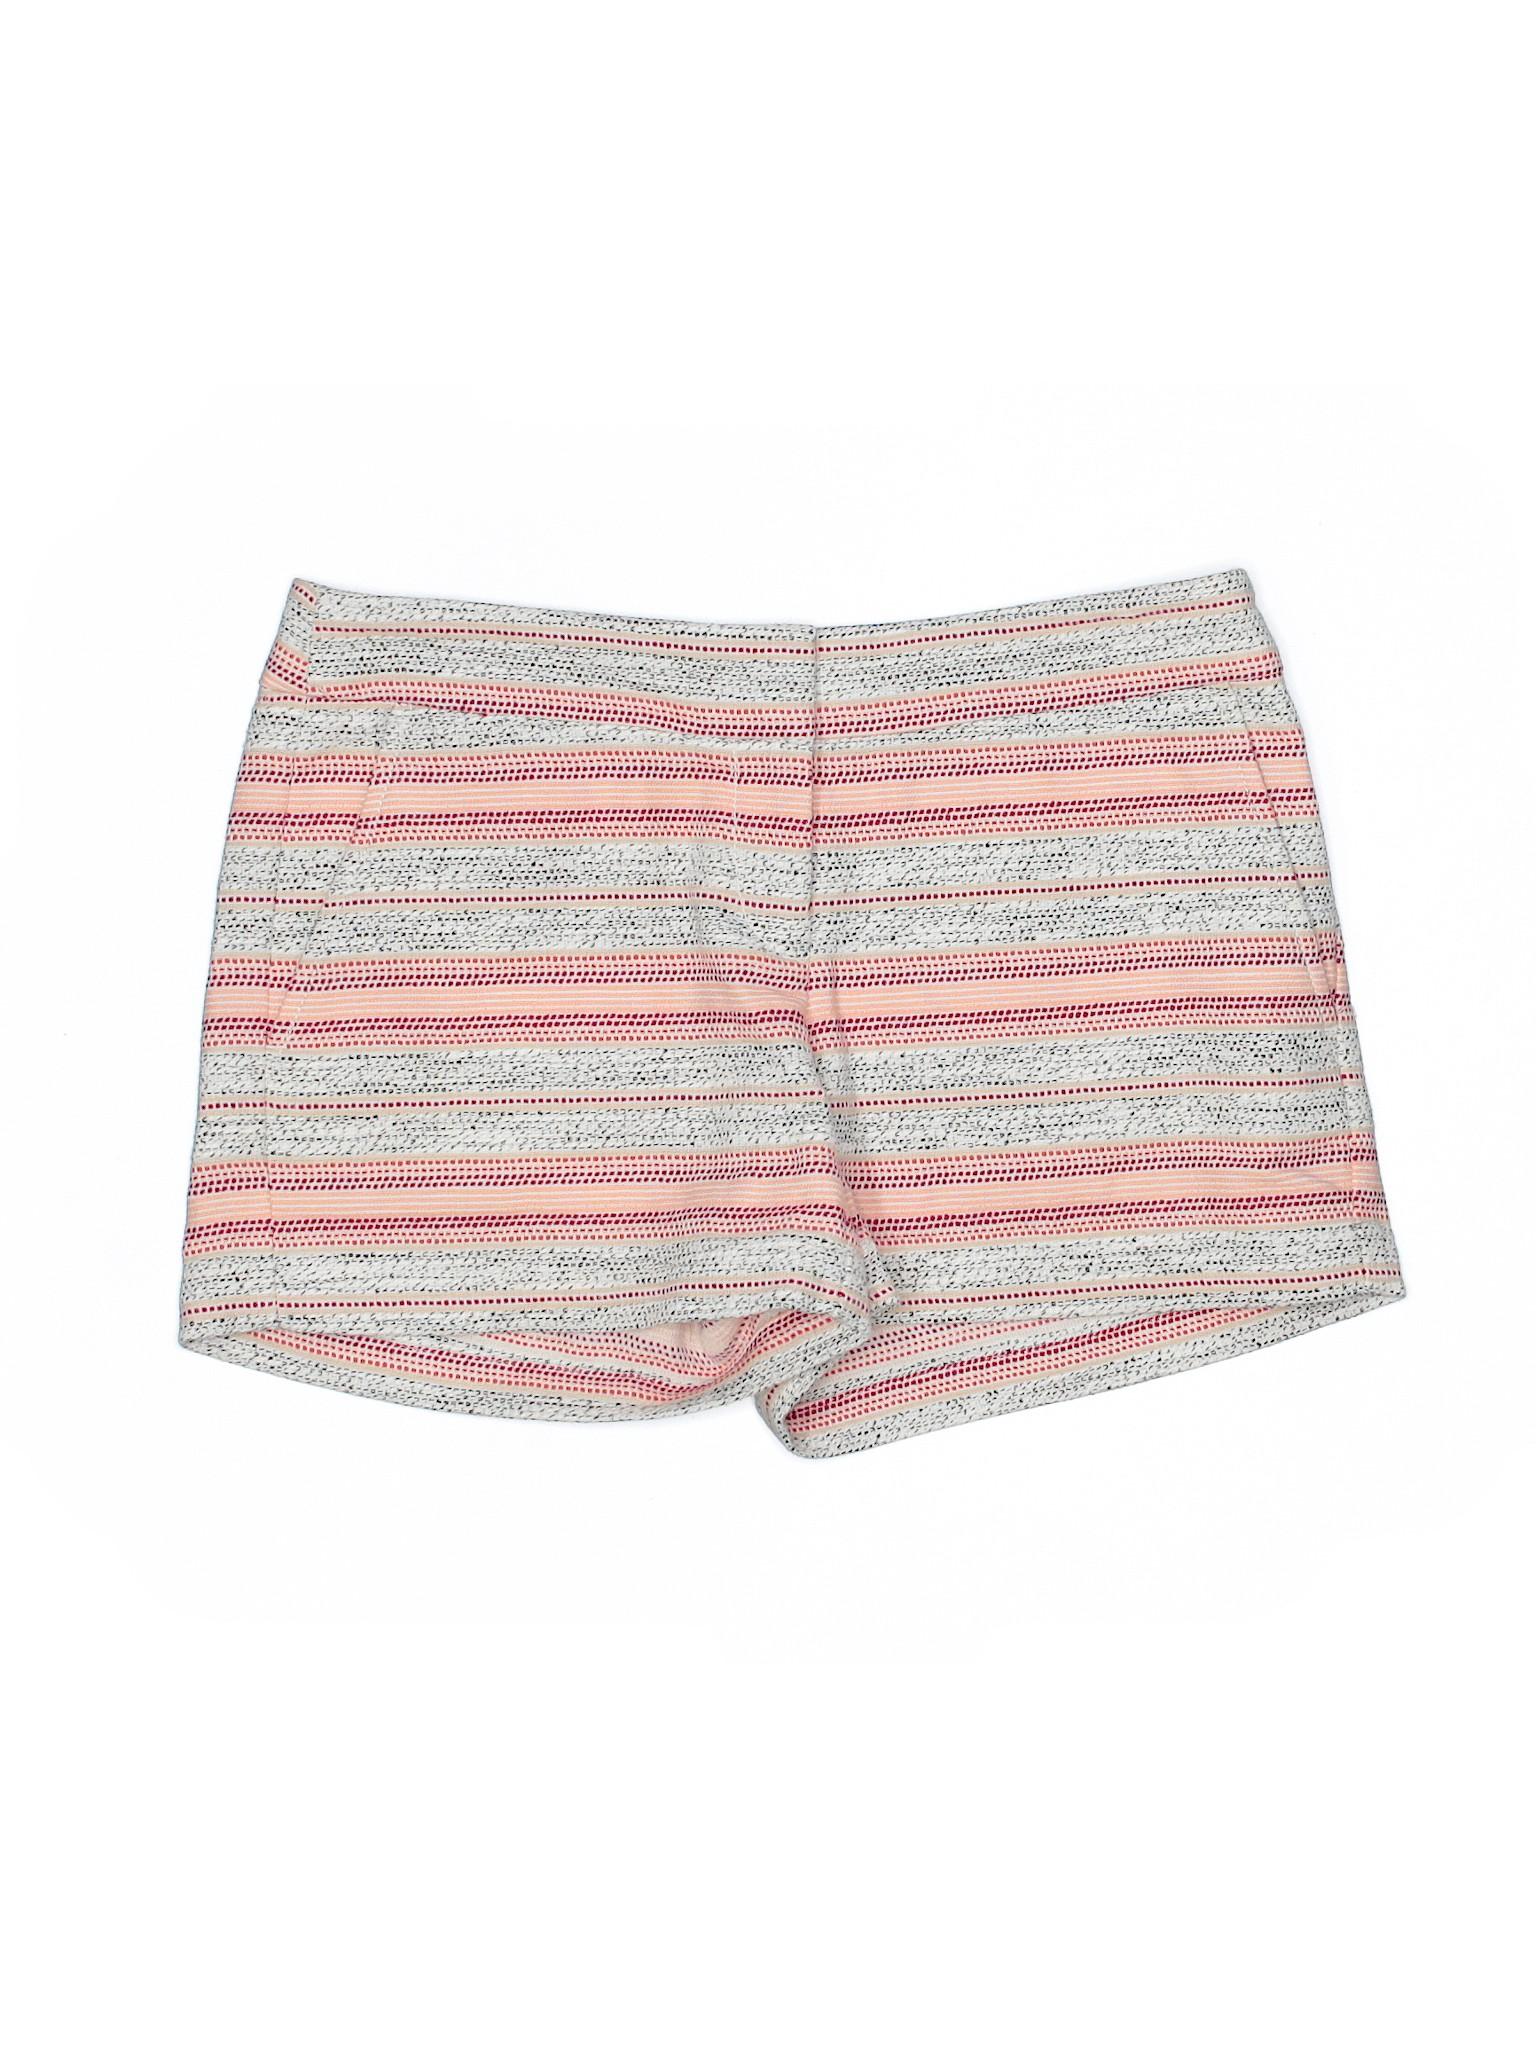 Taylor Boutique Shorts Boutique LOFT Ann Ann Taylor LOFT HqRZwaXR